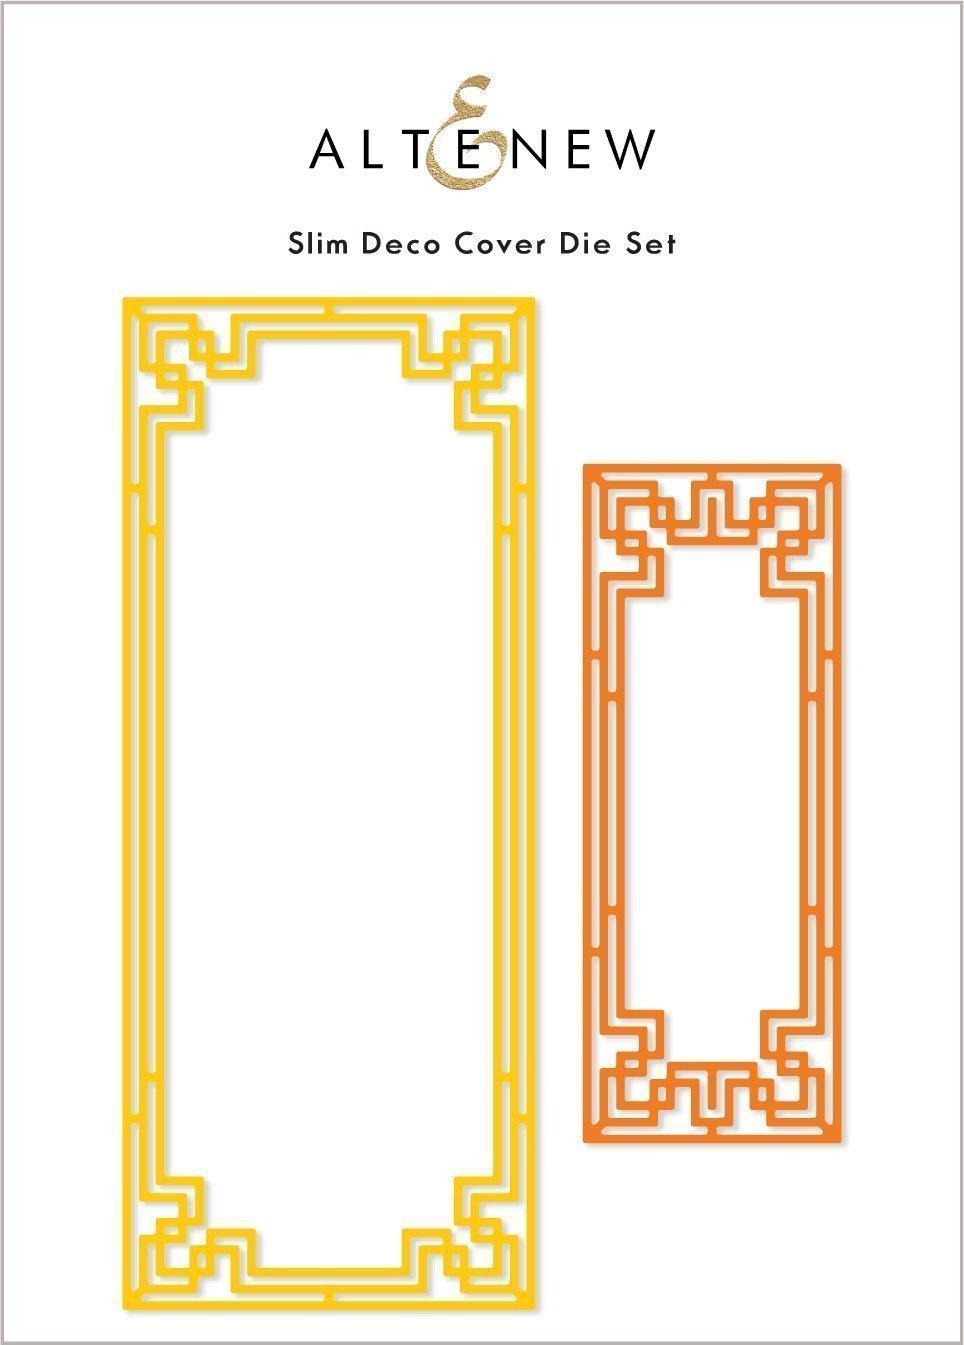 Altenew Slim Deco Cover Die Set 2pcs